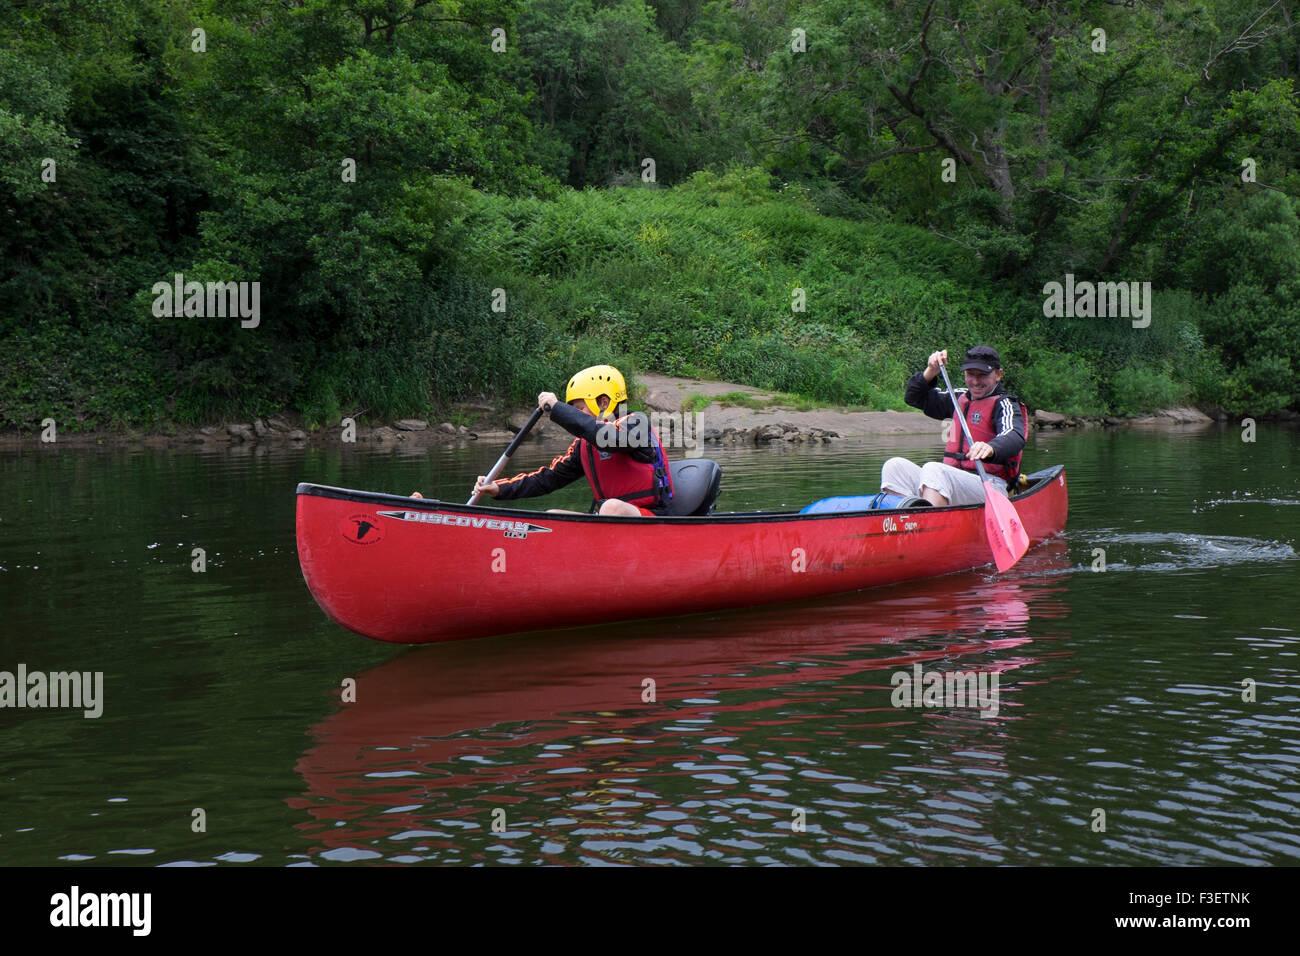 Father with 8 year old son paddling kayak canoe on River Wye near Symonds Yat, Herefordshire, England, UK - Stock Image